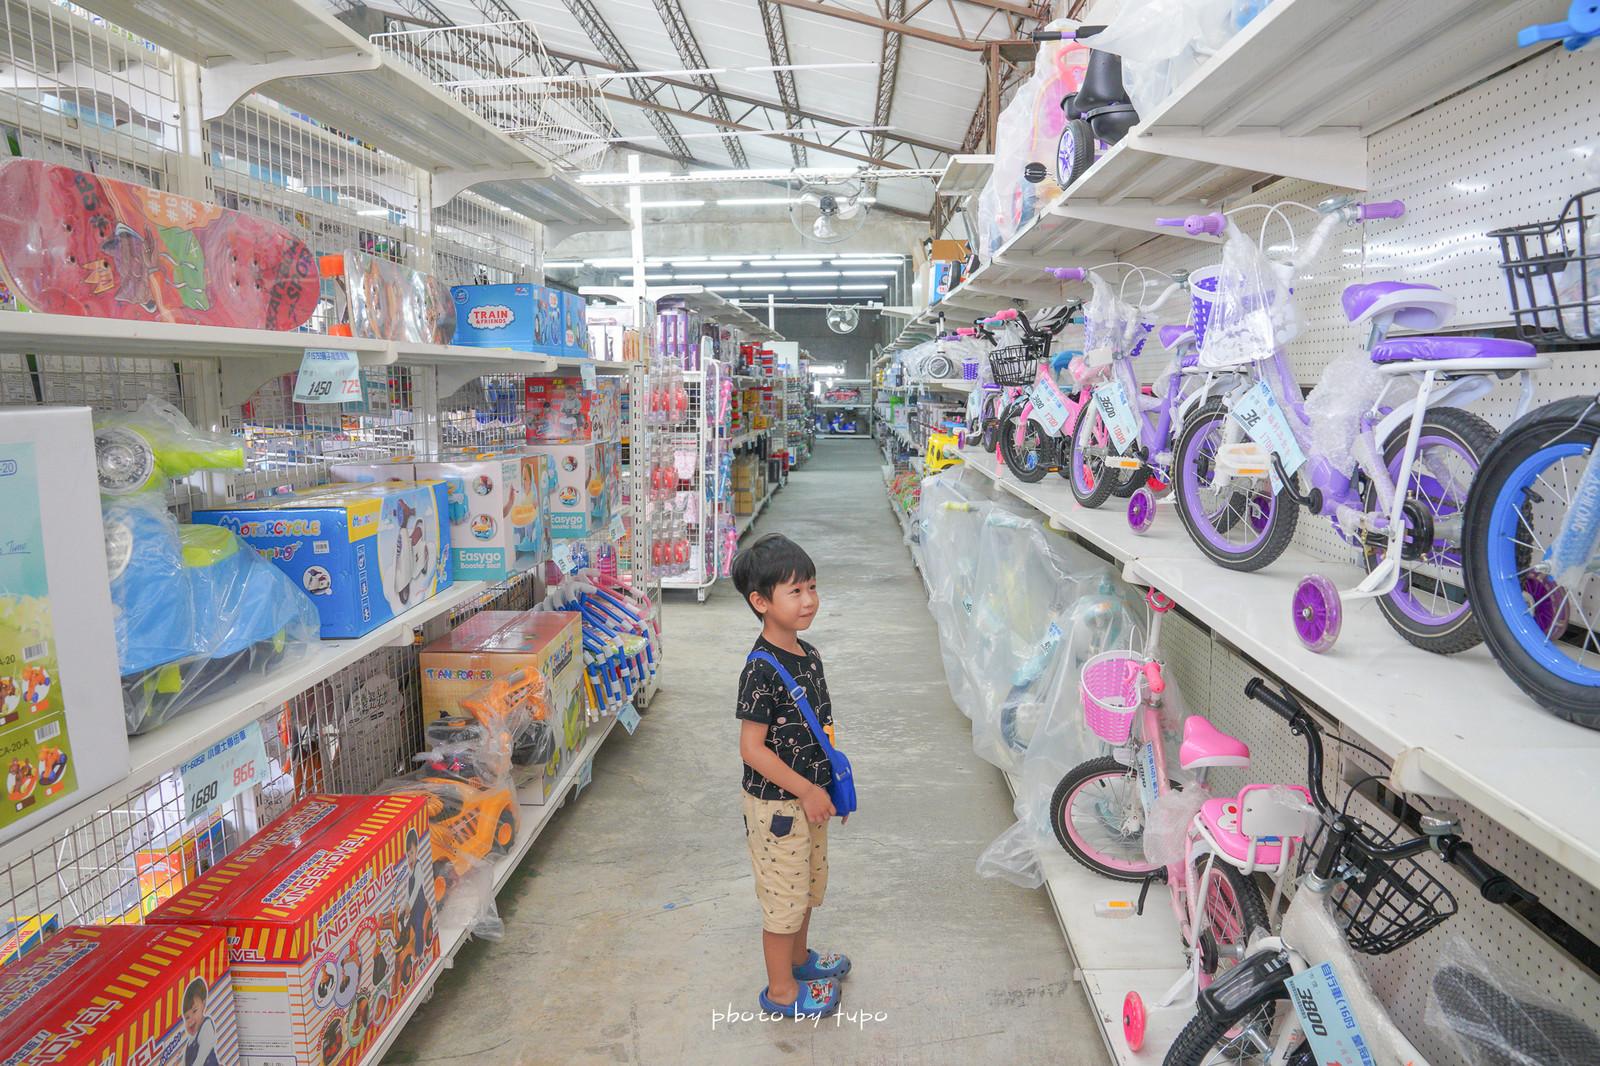 彰化新景點》花鹿鹿玩具倉庫,中部最新玩具倉庫新開幕,佔地超過200坪,萬件玩具,聖誕節交換禮物,寶寶玩具優惠都在這!